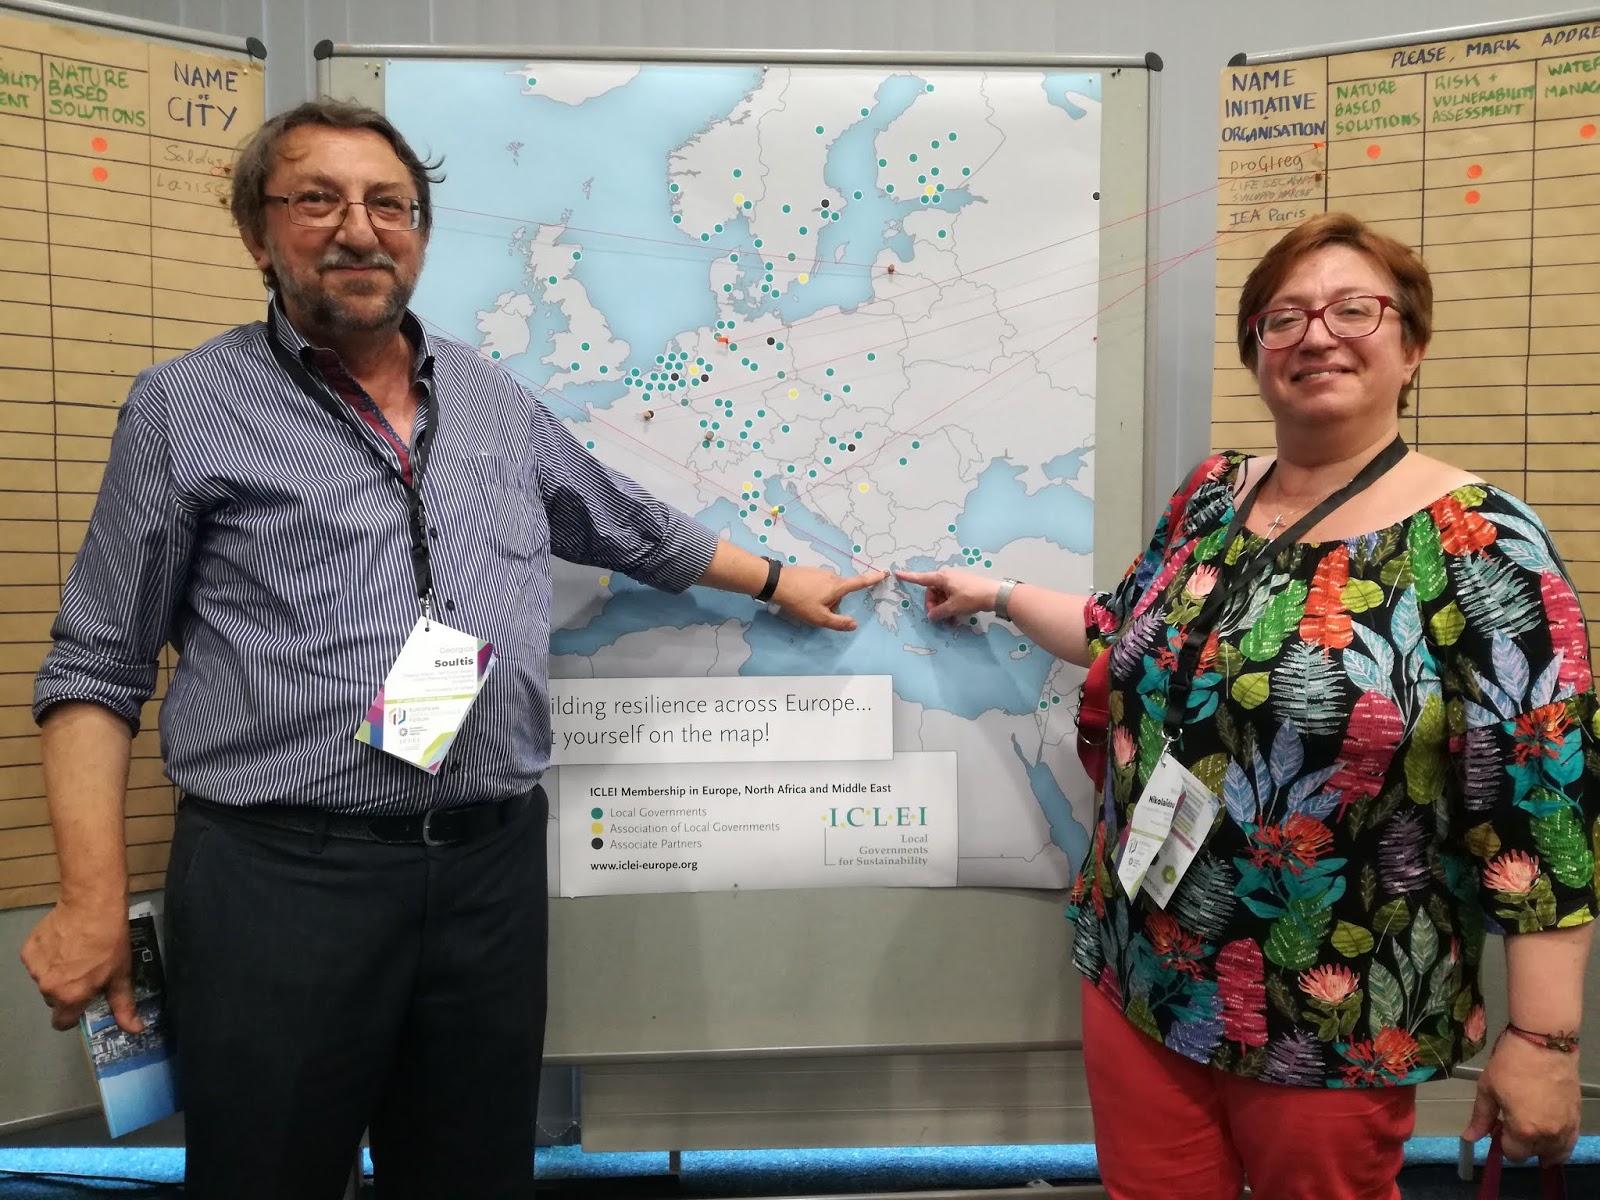 Συμμετοχή του Δήμου Λαρισαίων στο Ευρωπαϊκό Φόρουμ Αστικής Ανθεκτικότητας 2019